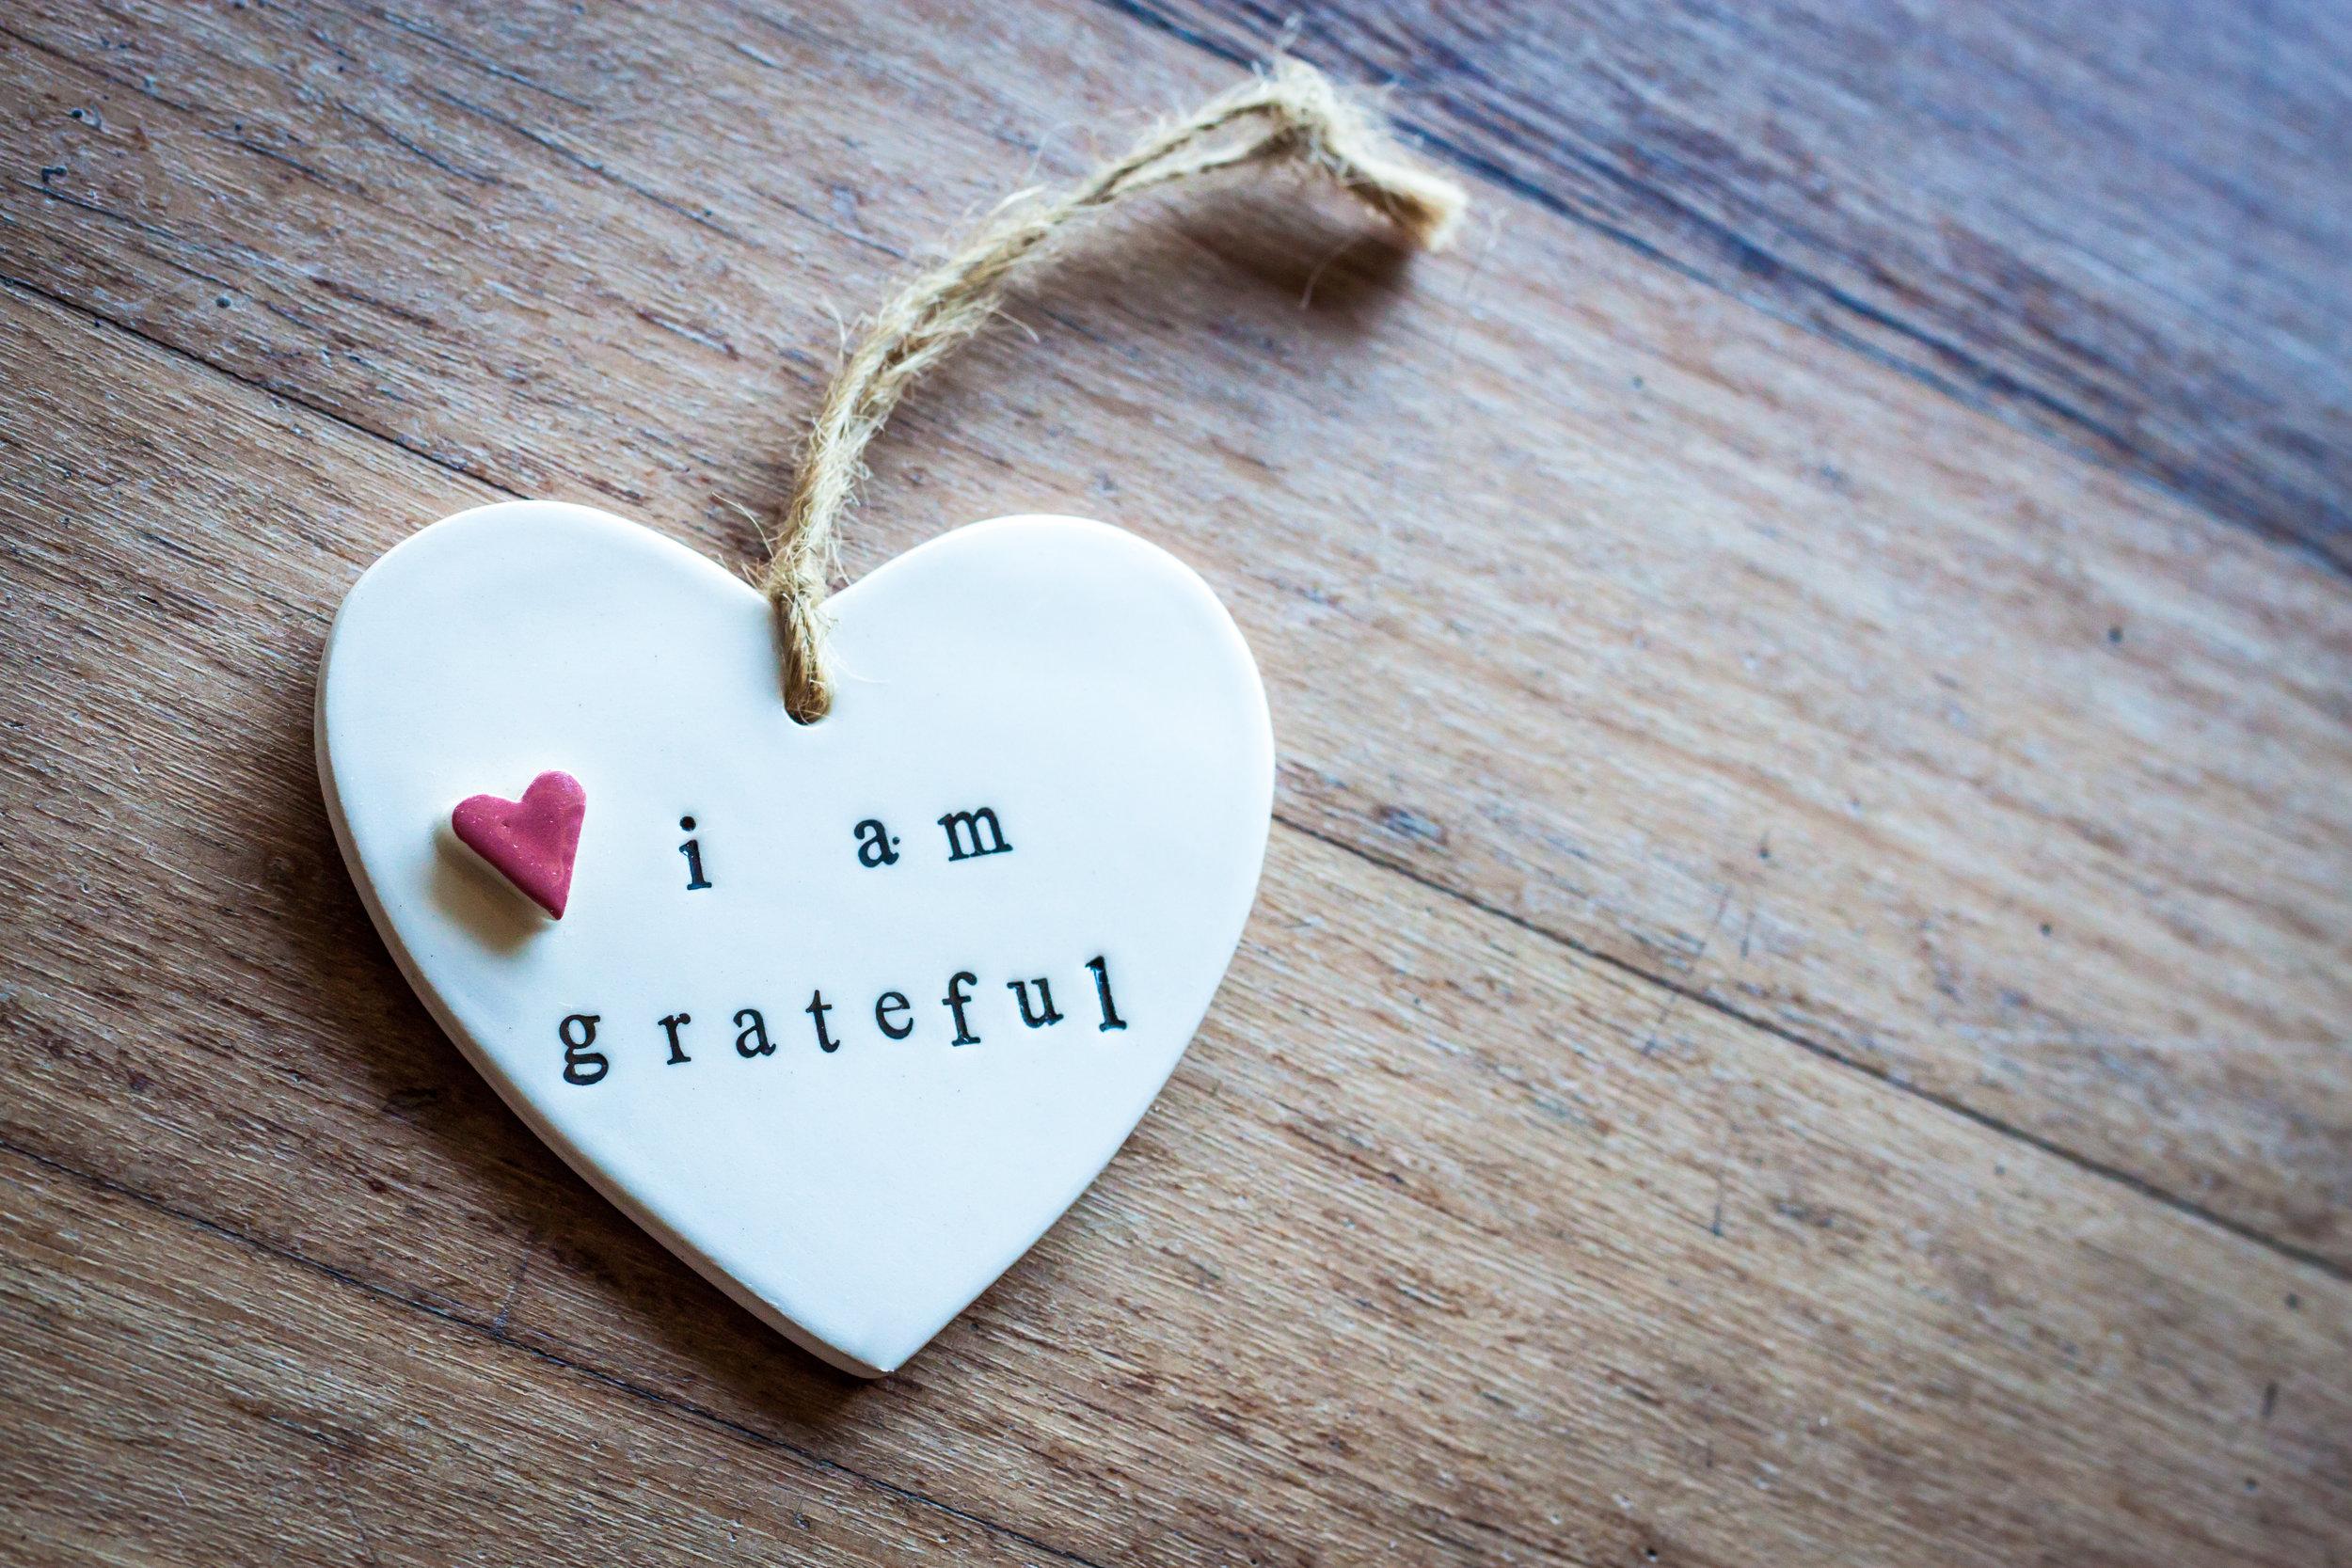 I am grateful.jpeg